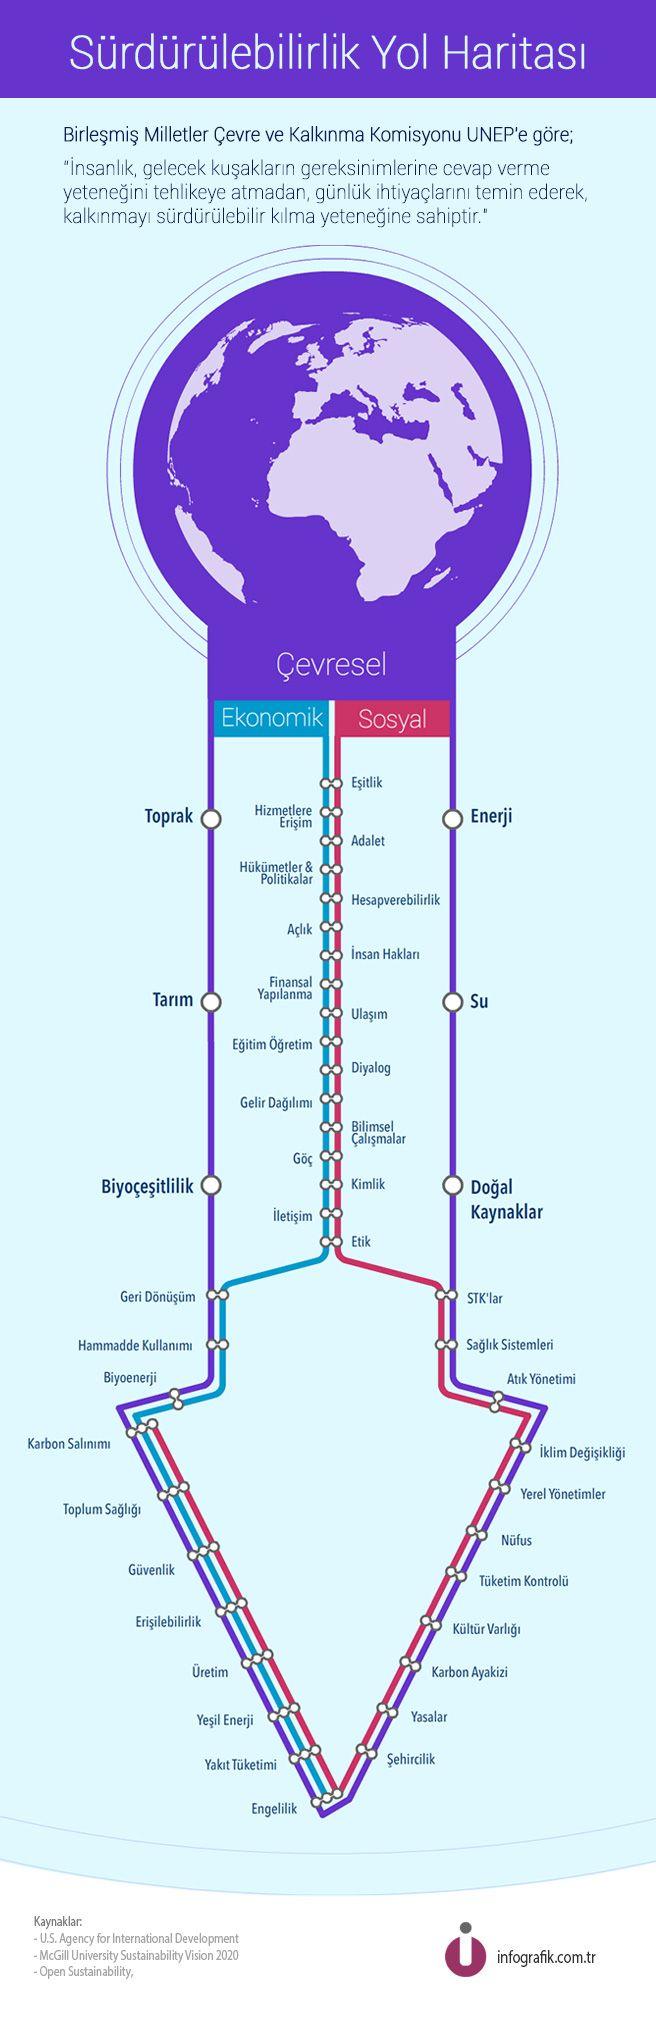 Sürdürülebilirlik Yol Haritası #infografik #gelecekgunu